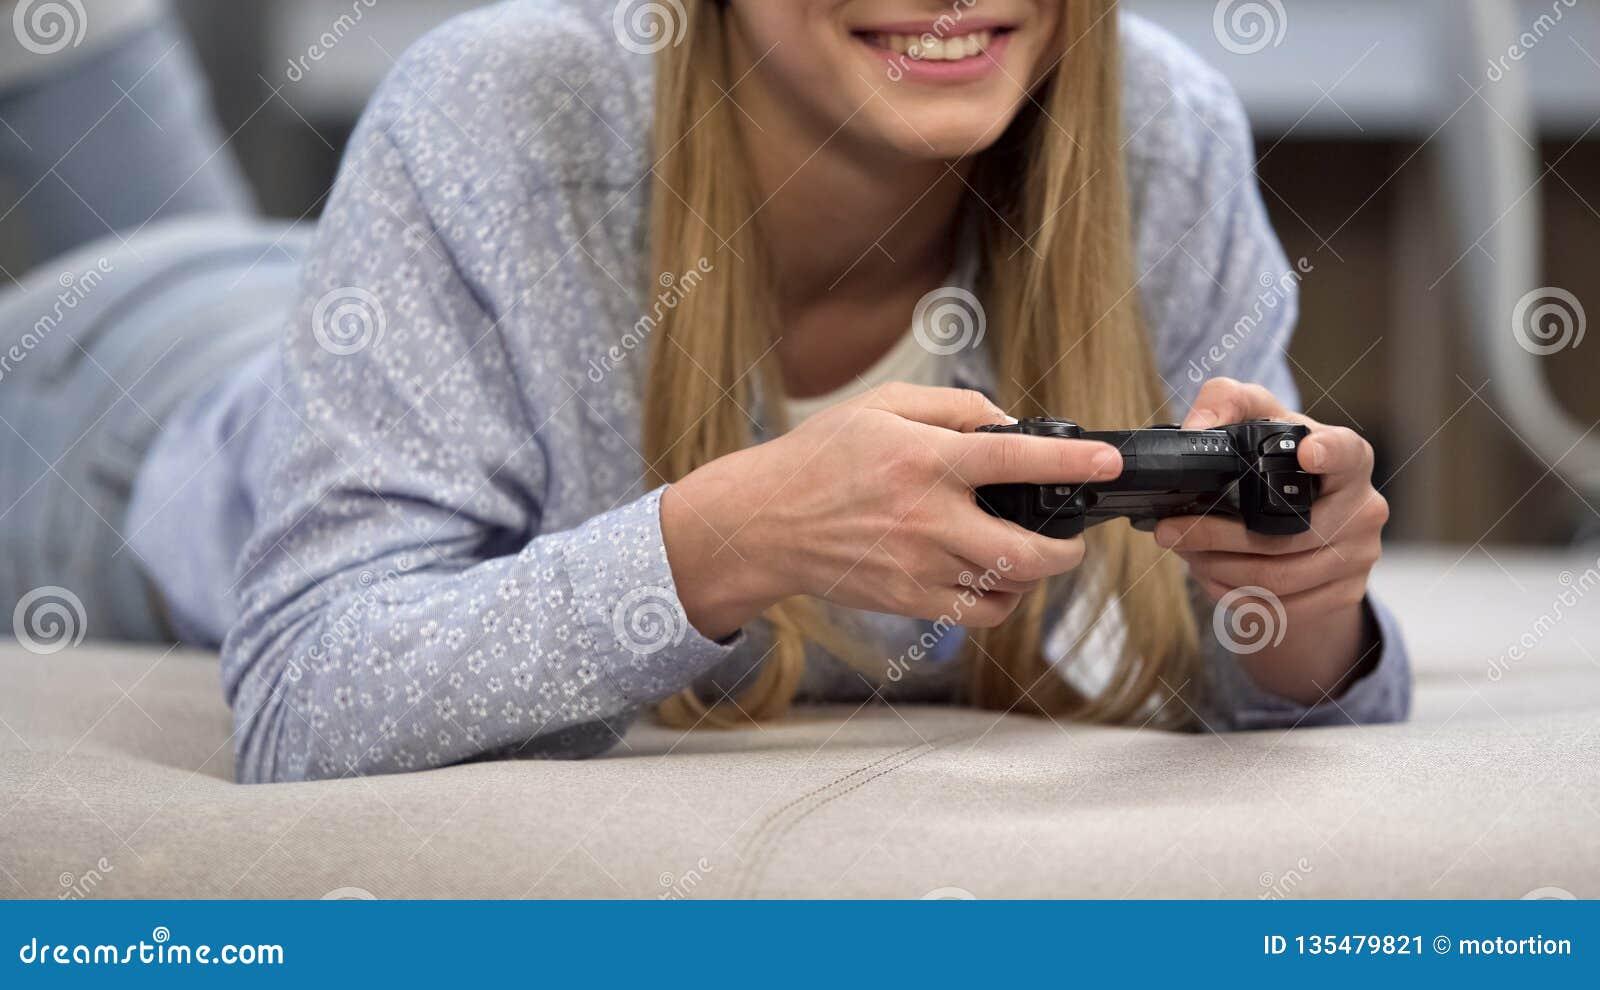 Ragazza felice che gioca con la leva di comando senza fili, gioco che scorre hobby, stile di vita